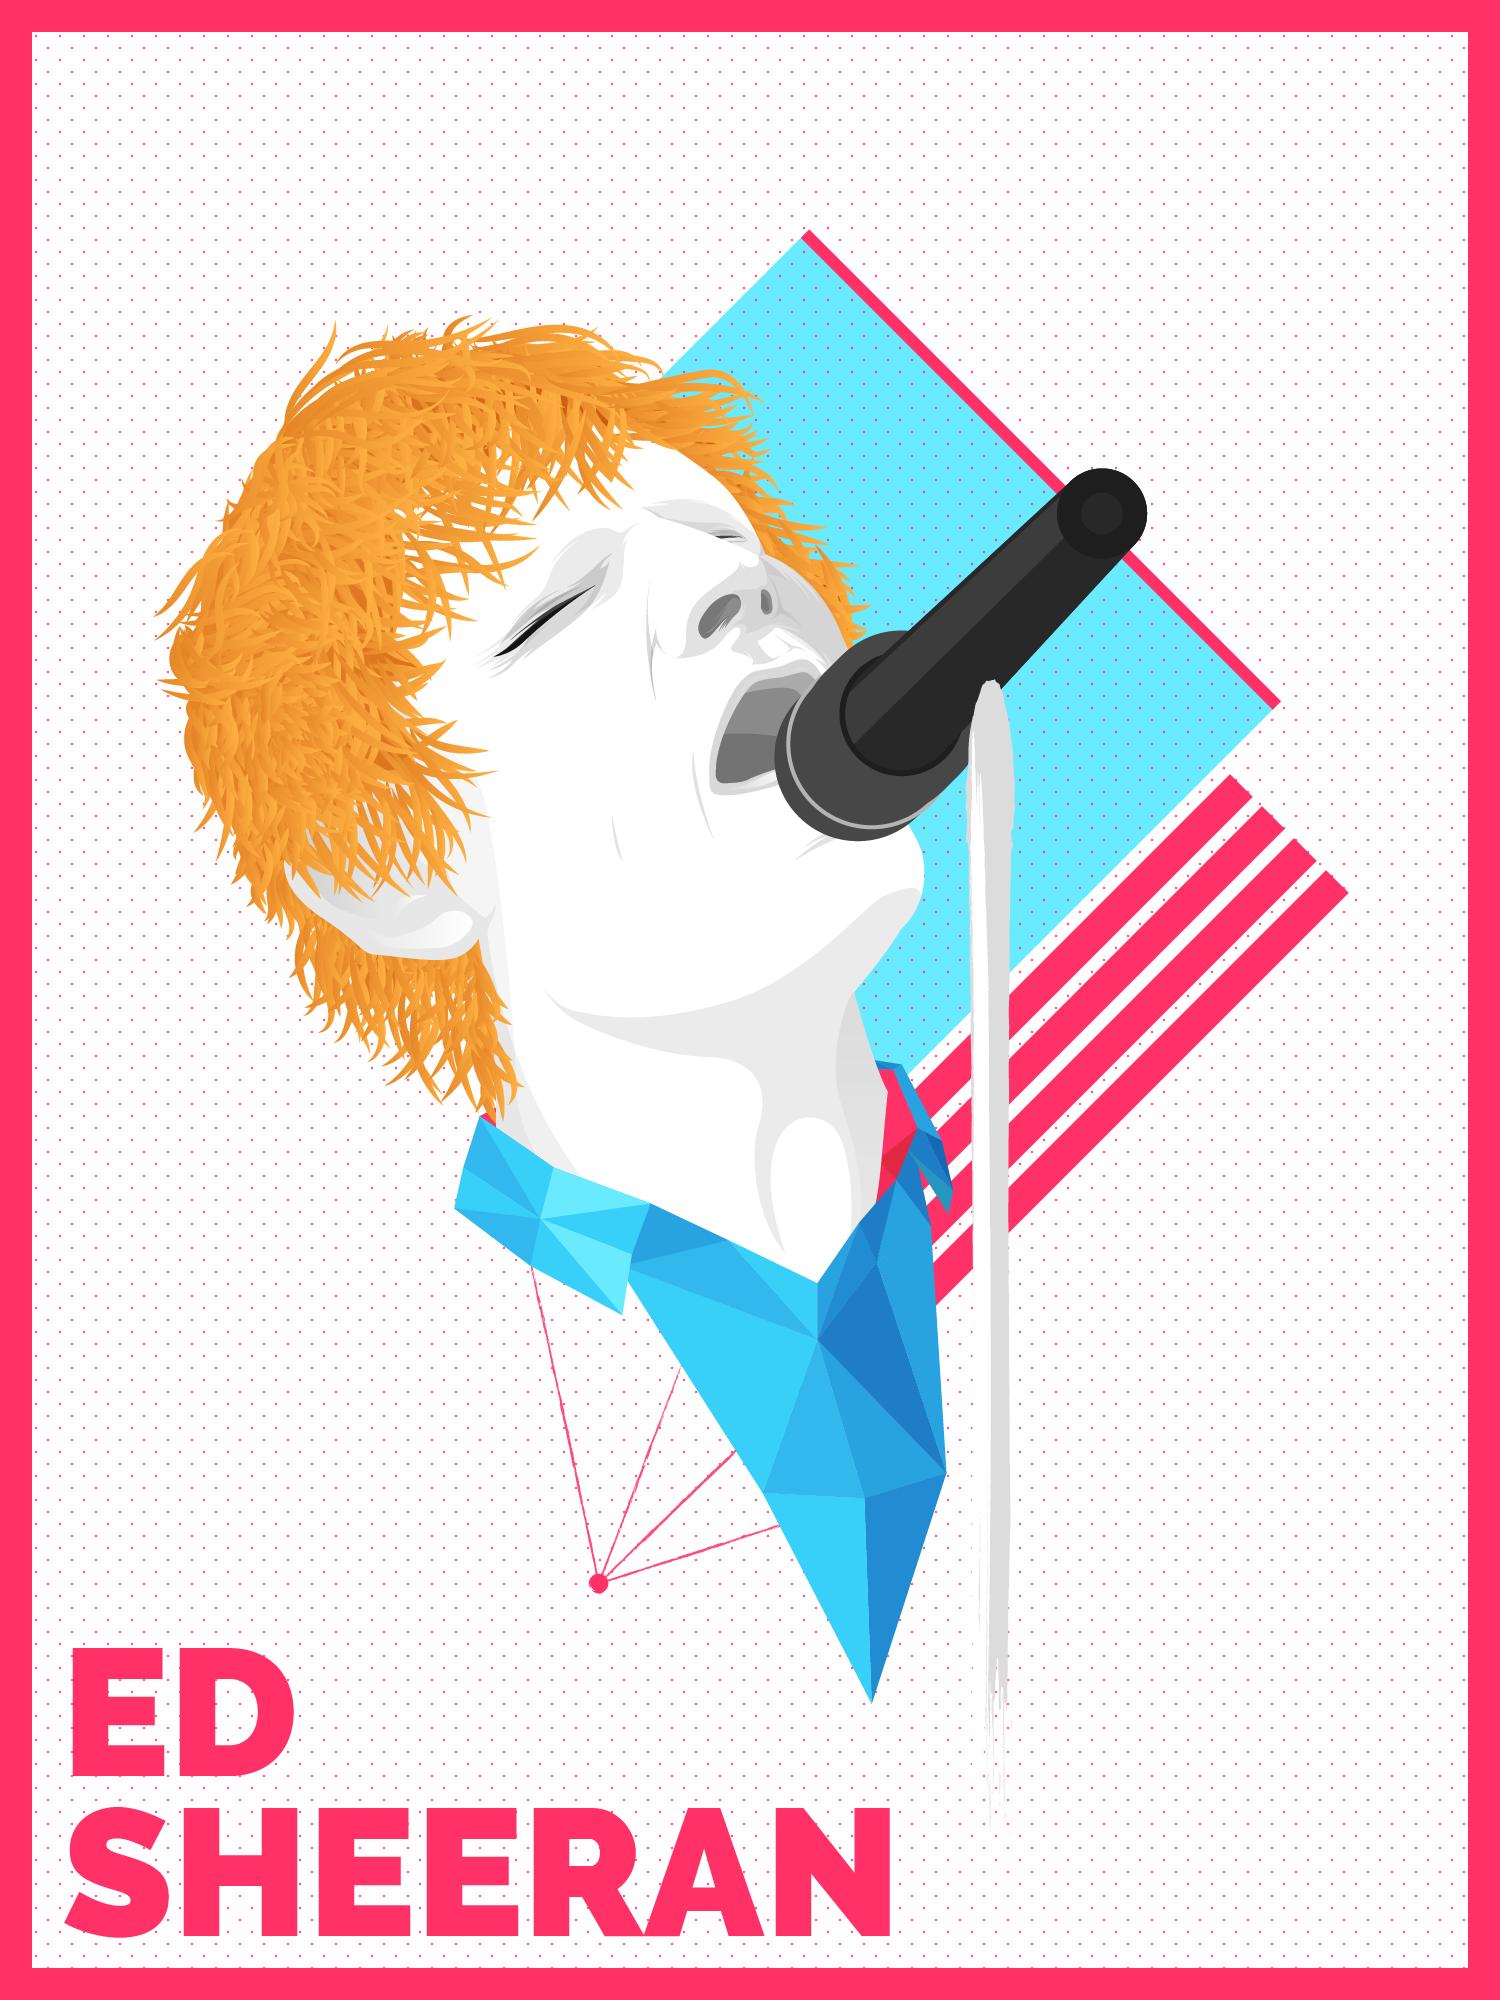 Ed Sheeran | Vector Portrait